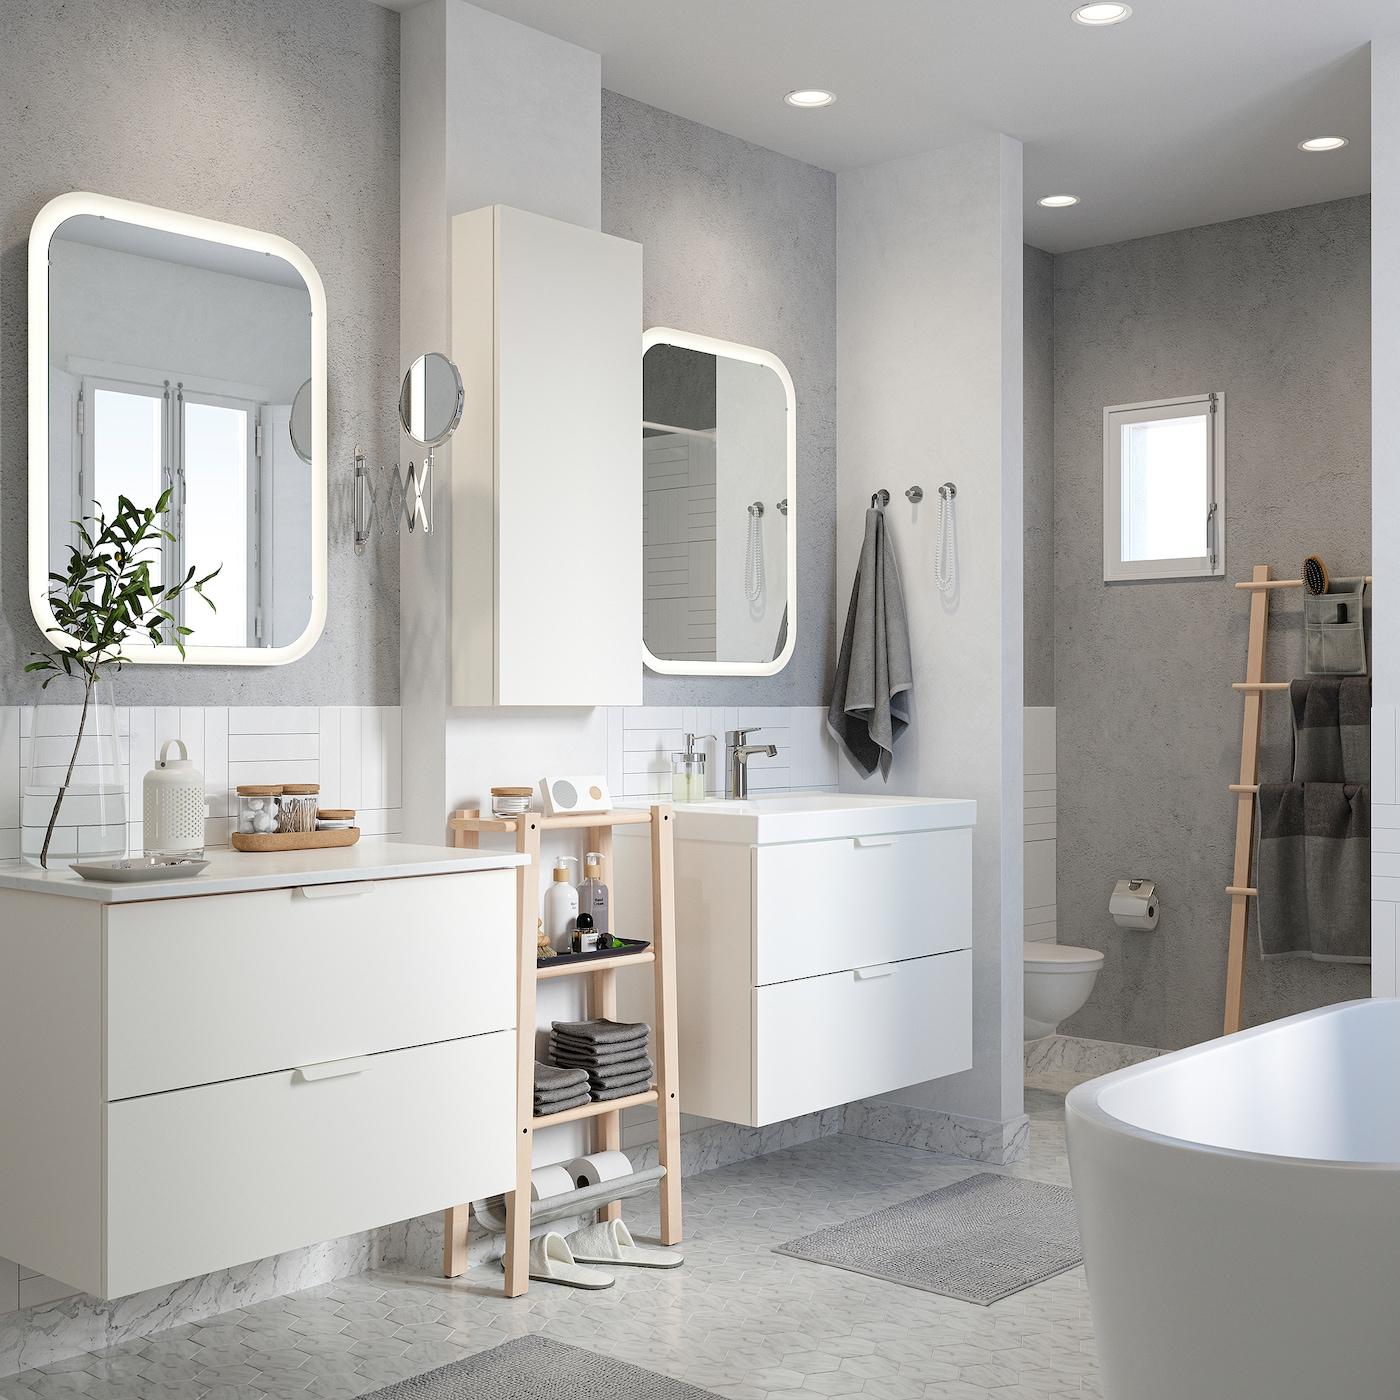 Un baño elegante y apacible - IKEA